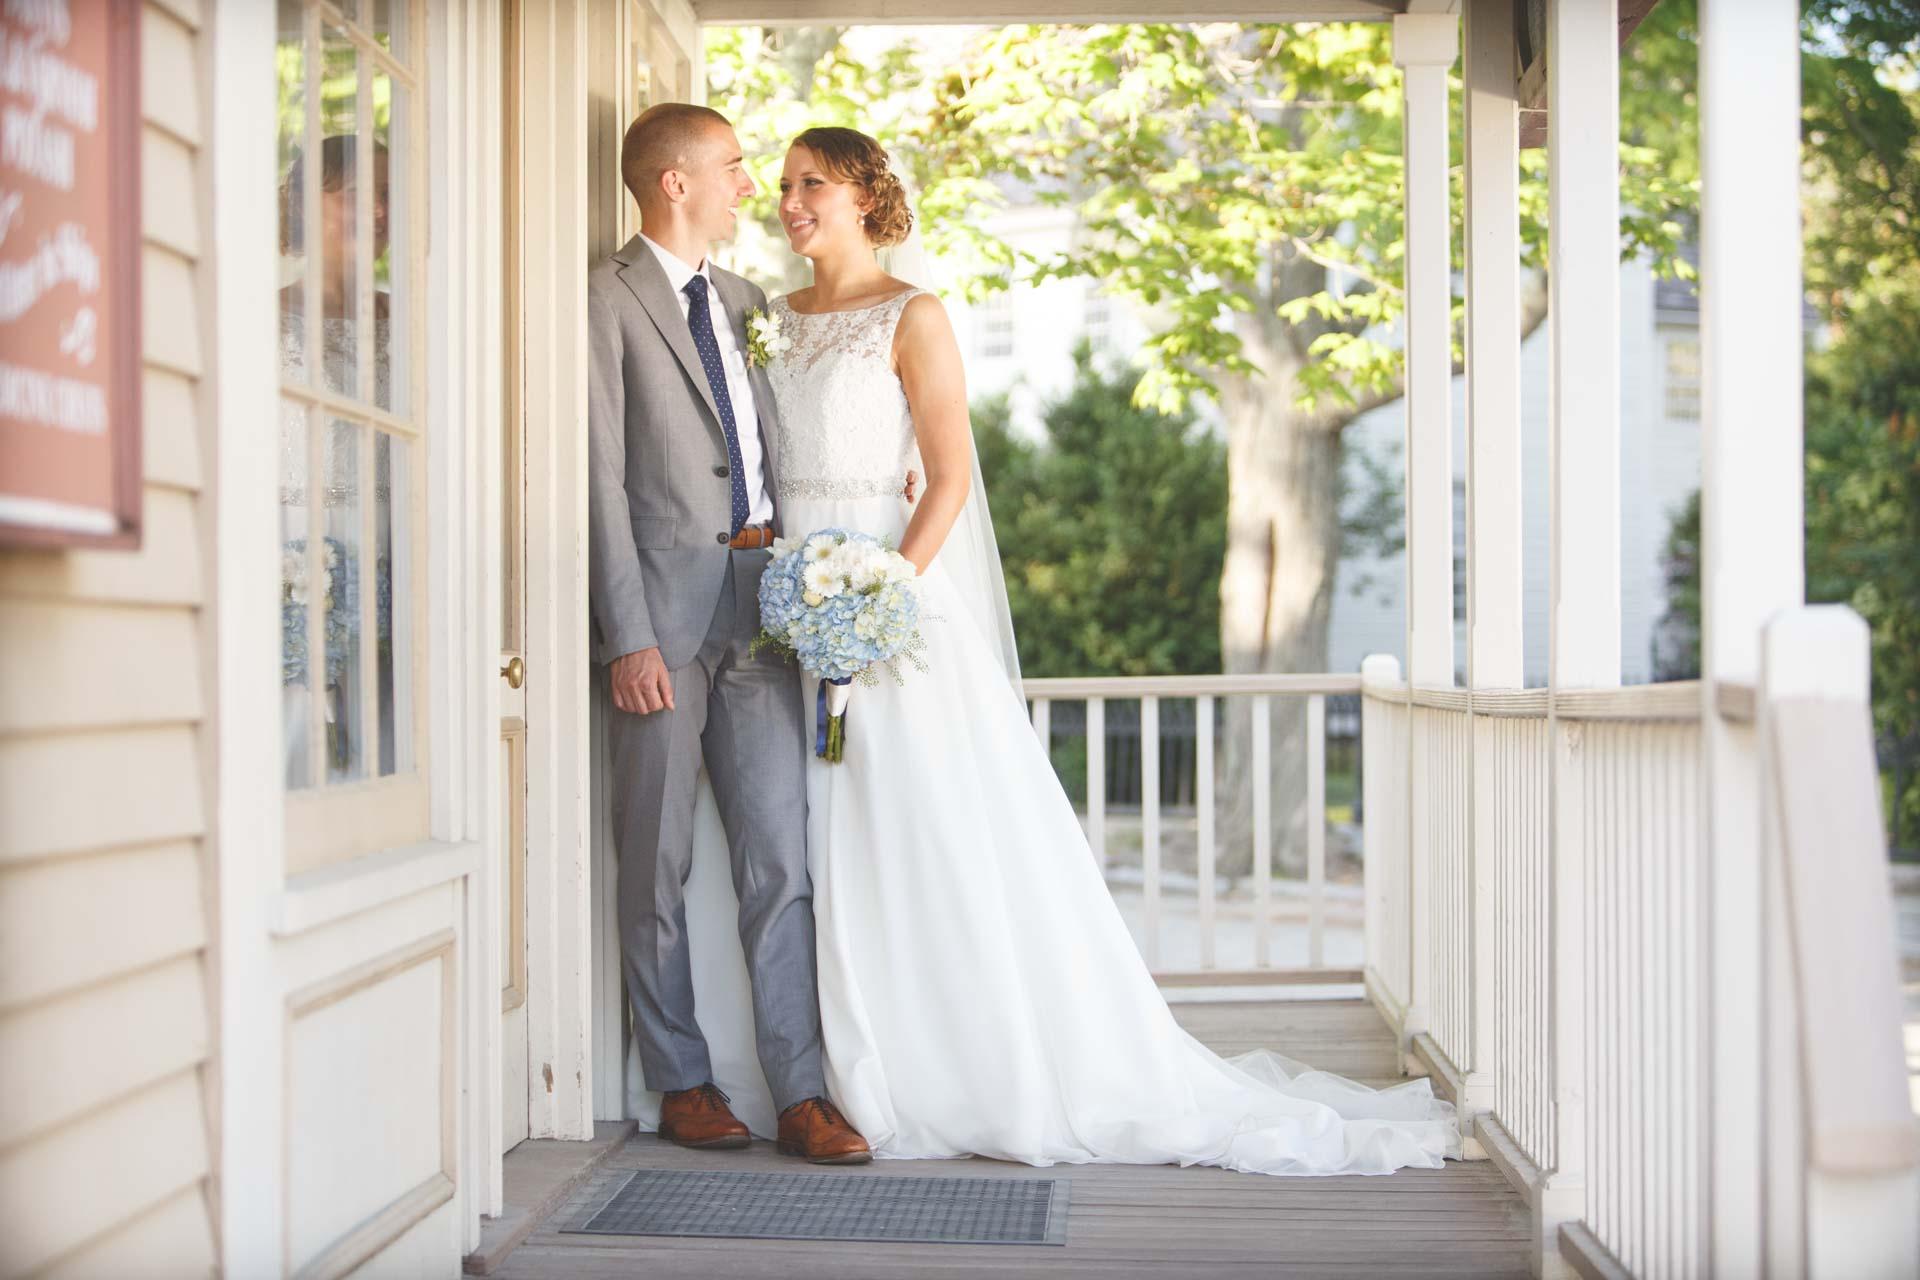 latitude-41-wedding-photography (37 of 66).jpg